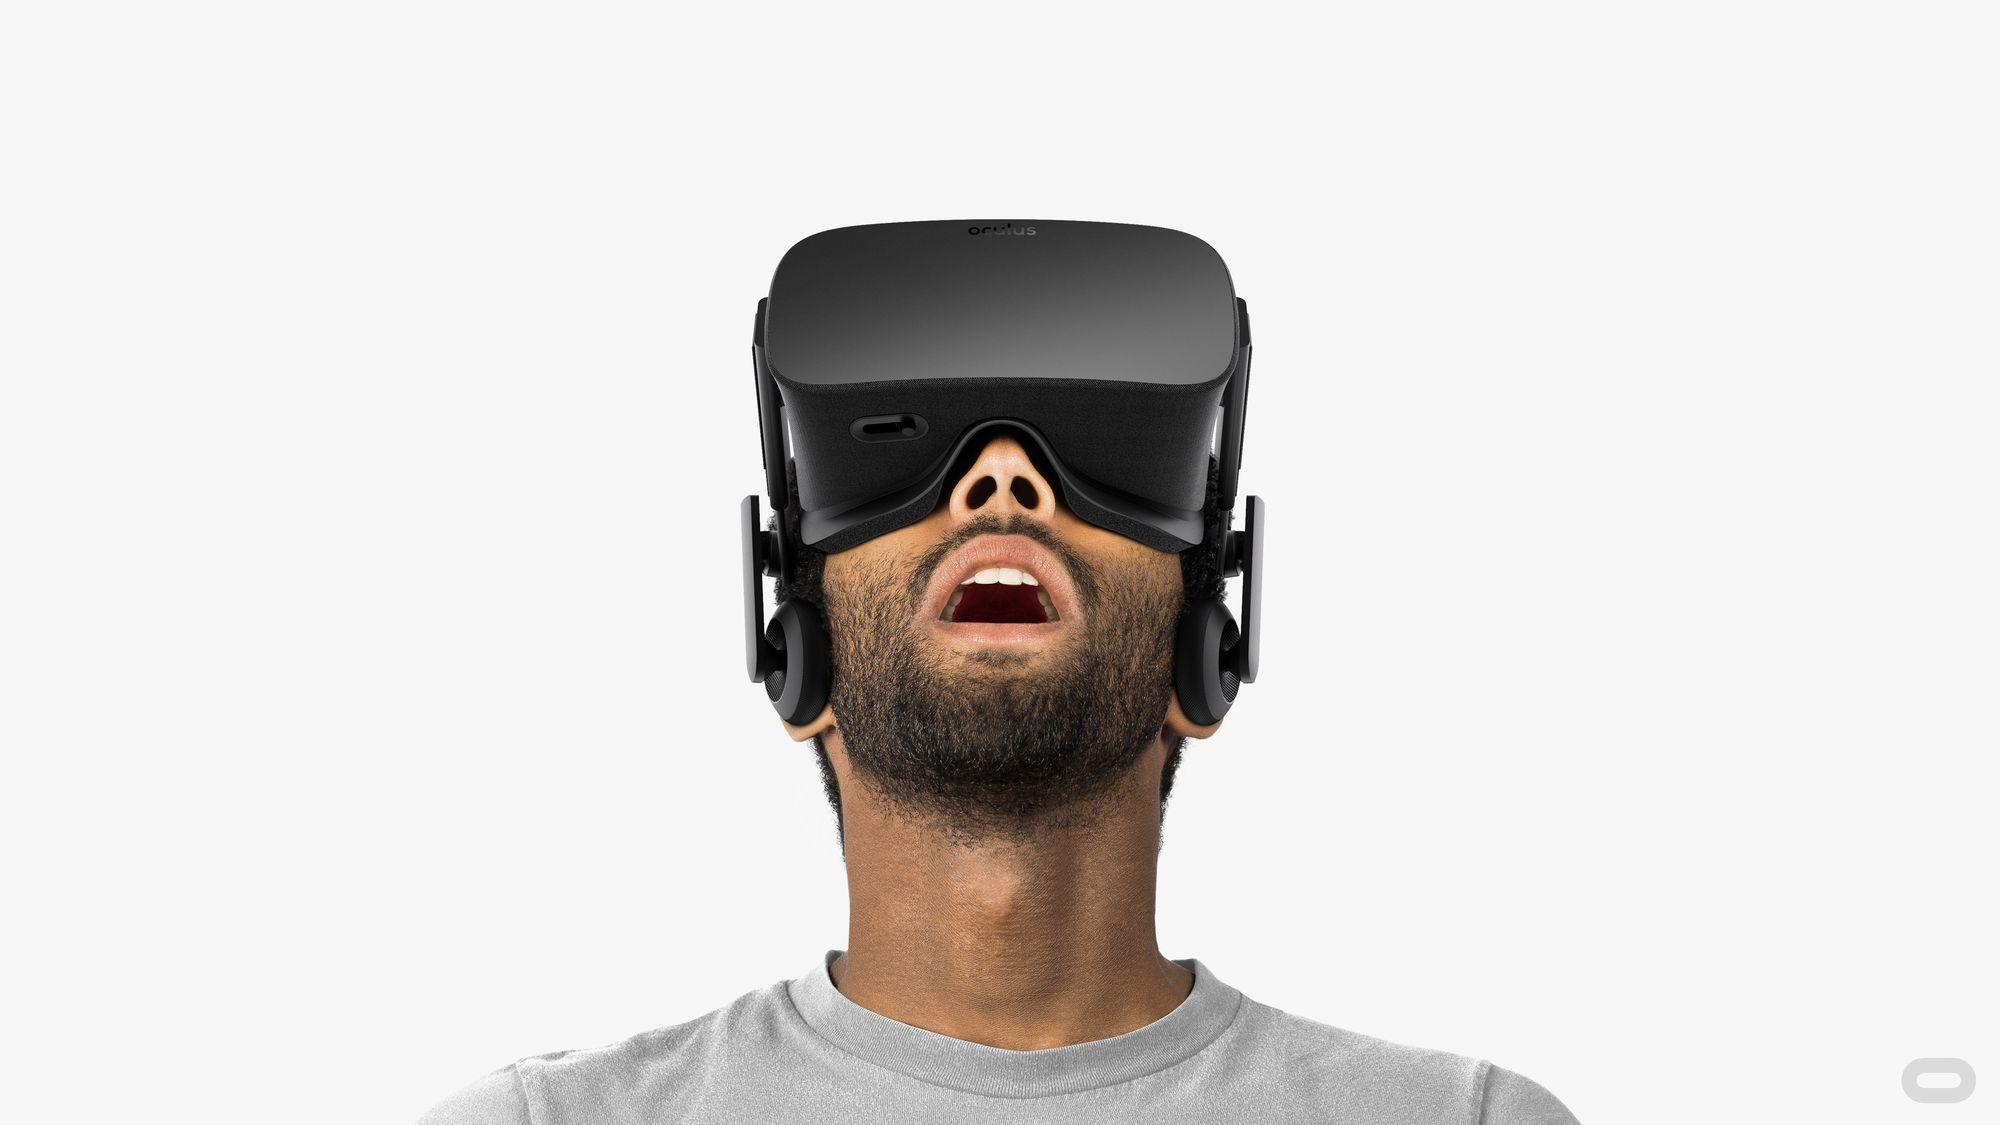 Réalité virtuelle : le point sur les différents casques à venir cette année